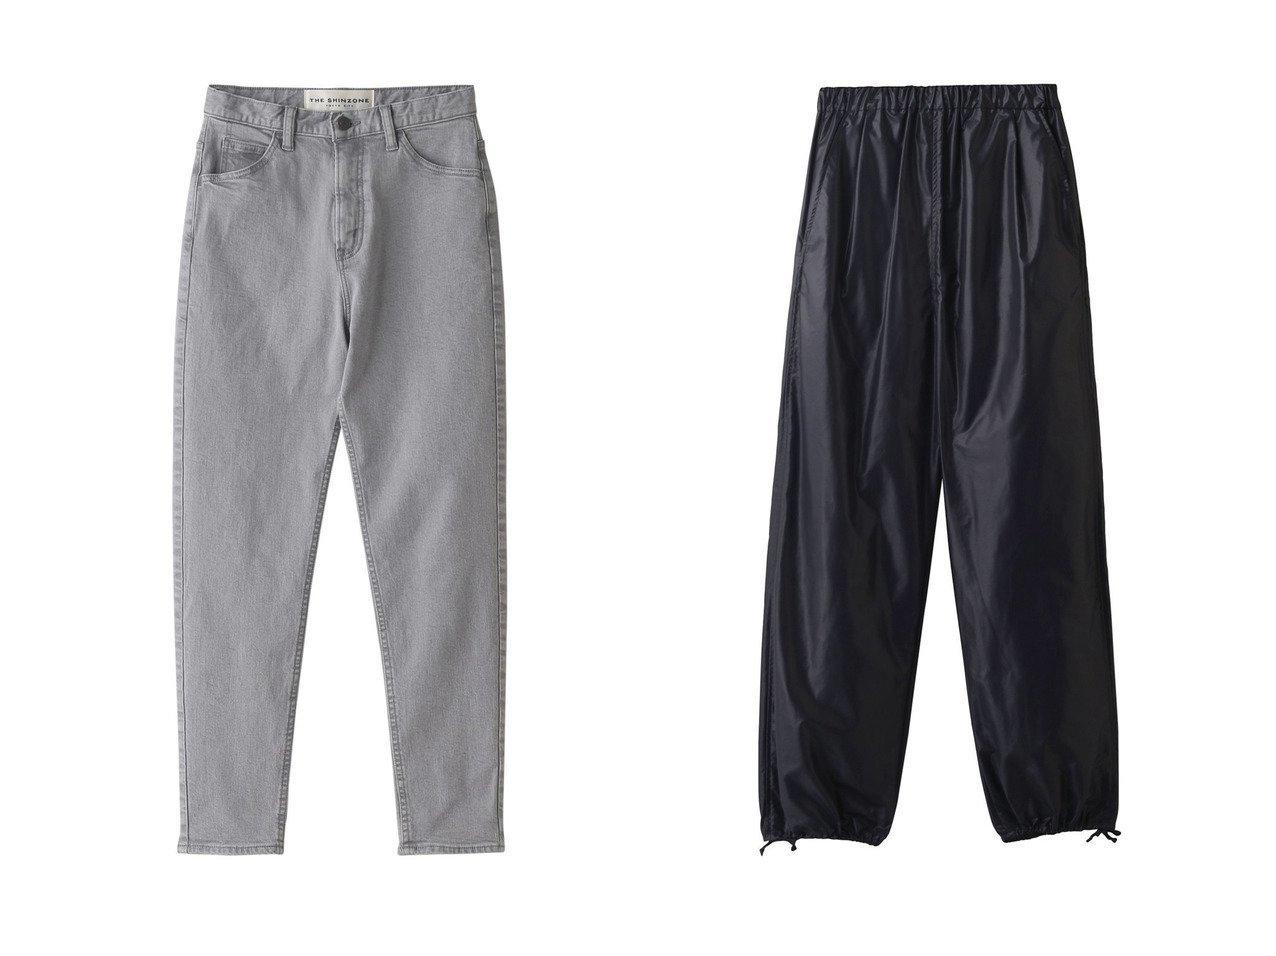 【Whim Gazette/ウィムガゼット】のPASYA イージーパンツ&【Shinzone/シンゾーン】のエンパイヤジーンズ 【パンツ】おすすめ!人気、トレンド・レディースファッションの通販 おすすめで人気の流行・トレンド、ファッションの通販商品 インテリア・家具・メンズファッション・キッズファッション・レディースファッション・服の通販 founy(ファニー) https://founy.com/ ファッション Fashion レディースファッション WOMEN パンツ Pants デニムパンツ Denim Pants 2020年 2020 2020-2021秋冬・A/W AW・Autumn/Winter・FW・Fall-Winter/2020-2021 2021年 2021 2021-2022秋冬・A/W AW・Autumn/Winter・FW・Fall-Winter・2021-2022 A/W・秋冬 AW・Autumn/Winter・FW・Fall-Winter ジーンズ デニム トレンド 定番 Standard  ID:crp329100000058583